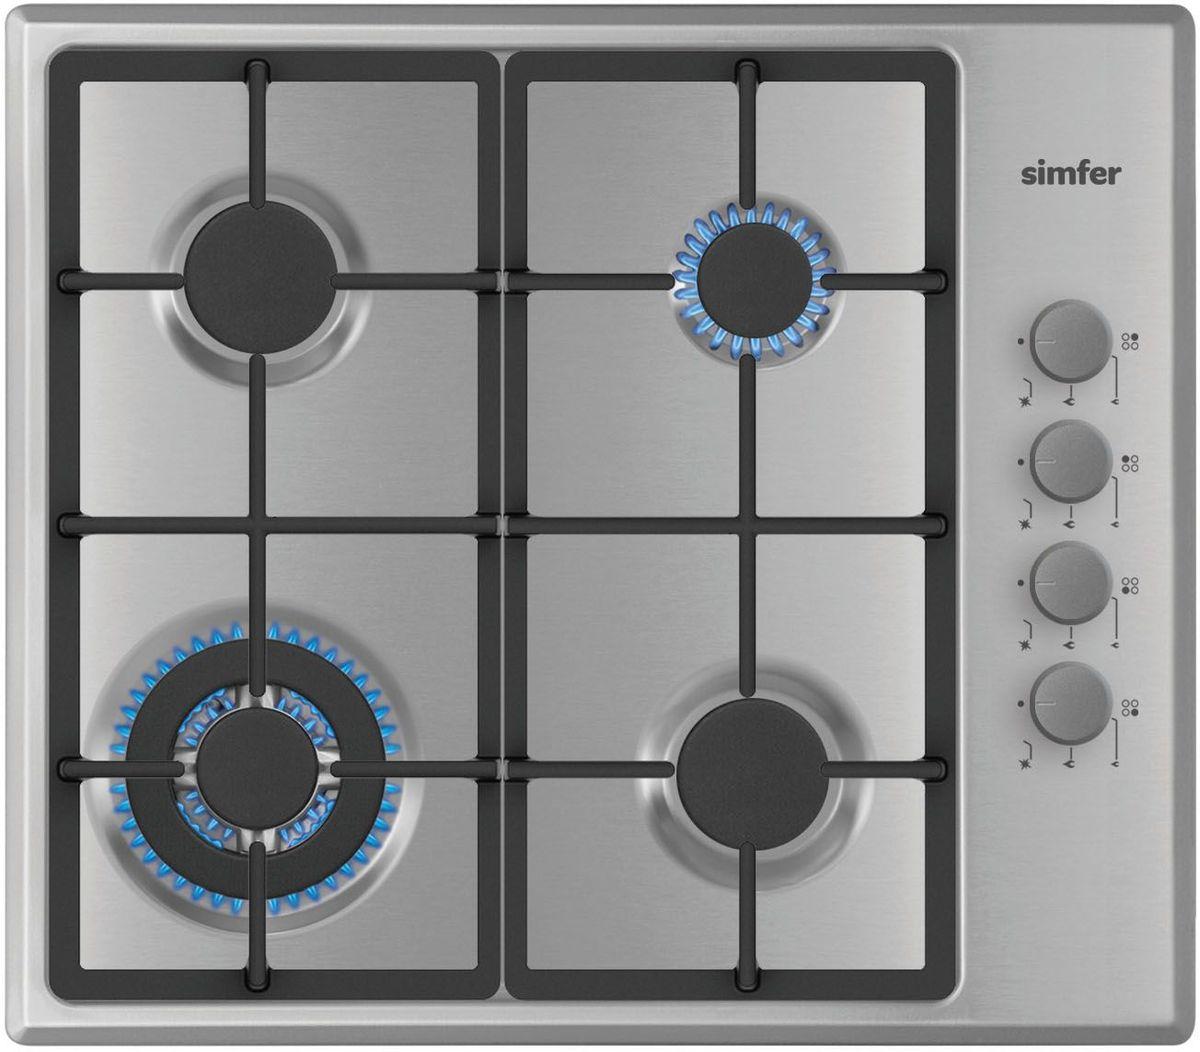 Simfer H60Q41M411 панель варочная газоваяH60Q41M411Газовая варочная панель Simfer H60Q41M411 с чистым пламенем доведет вашу сковороду до нужной температуры без всяких задержек. Включите её и всё днище сковороды будет моментально нагрето. Simfer H60Q41M411 упрощает приготовление и делает его безопаснее благодаря особой форме подставок, обеспечивающих абсолютную устойчивость посуды. Нет способа быстрее и удобнее для того, чтобы разжечь конфорку, чем автоподжиг варочной панели. Просто поверните ручку, чтобы открыть и зажечь газ одним плавным движением.